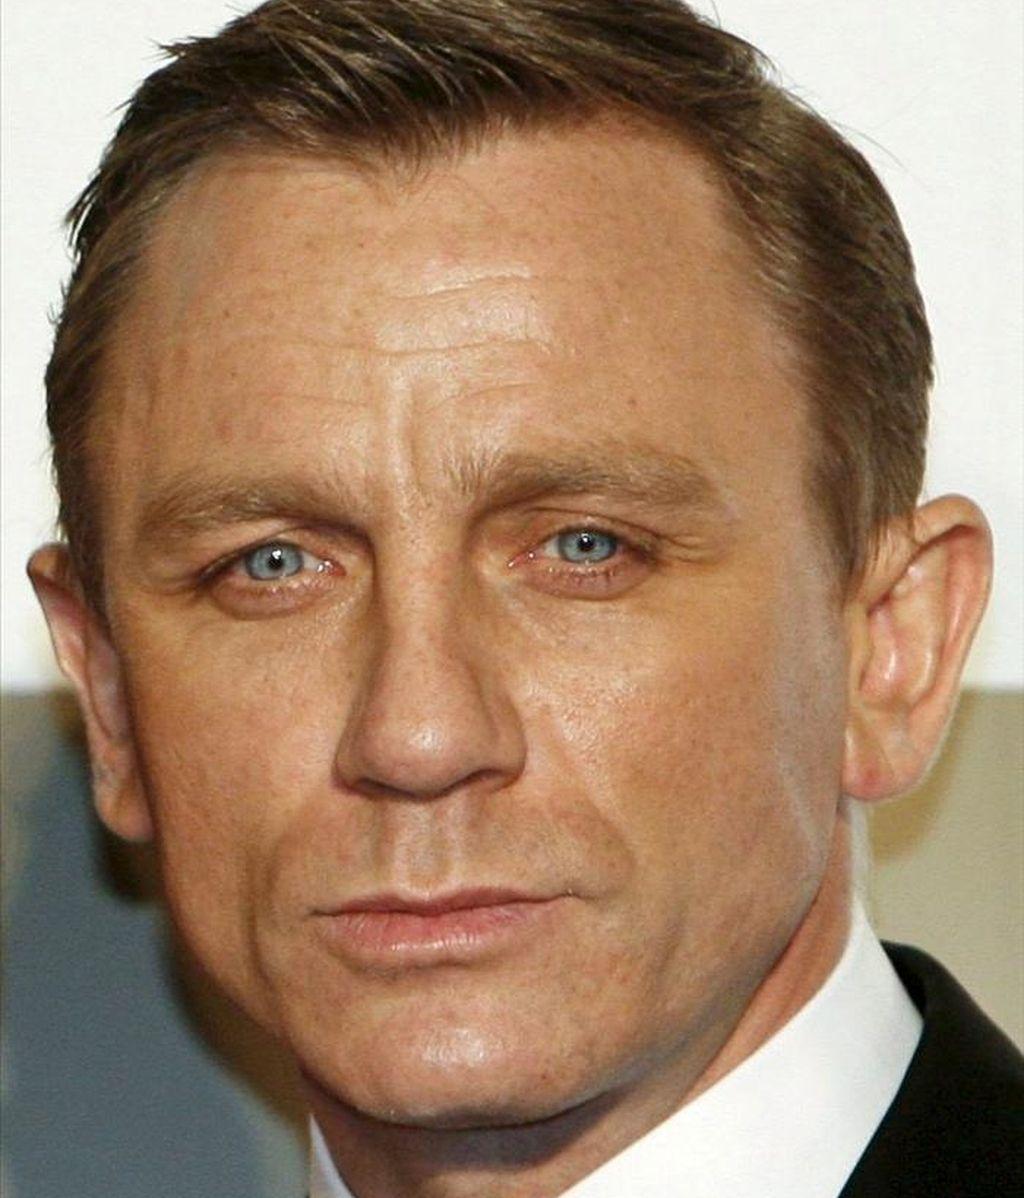 """La saga de James Bond se pudo ver por primera vez en China en 2007, con 45 años de retraso, con """"Casino Royale"""", interpretada por el nuevo 007, el británico Daniel Craig, ya que la censura china consideraba las cintas del agente británico una herencia de la Guerra Fría y, por tanto, mantenía vetado el acceso a su territorio. EFE/Archivo"""